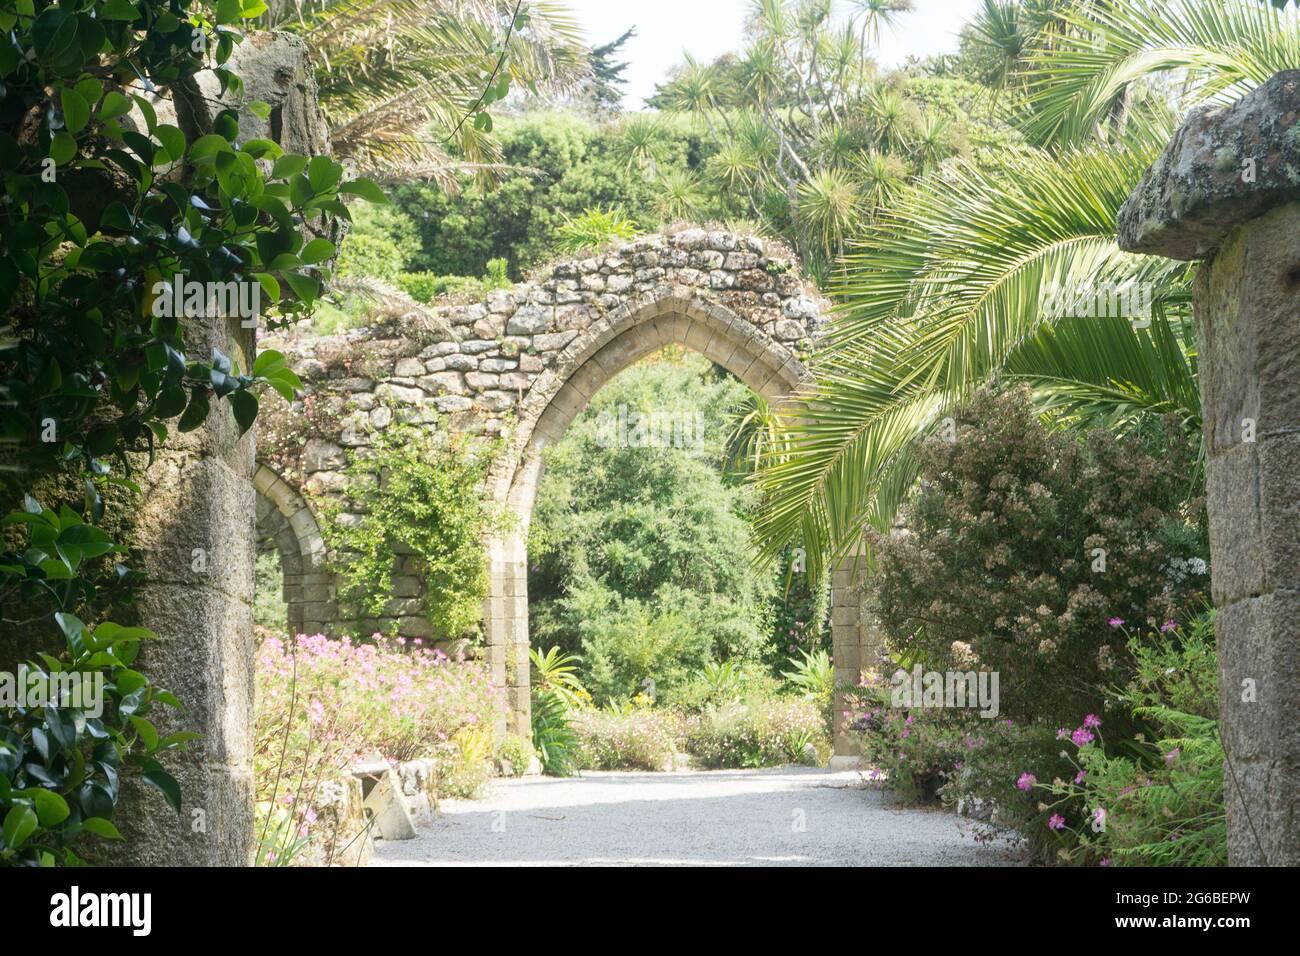 Arcades des ruines de l'abbaye bénédictine dans Abbey Gardens, Tresco, Isles of Scilly, Cornouailles, Royaume-Uni Banque D'Images